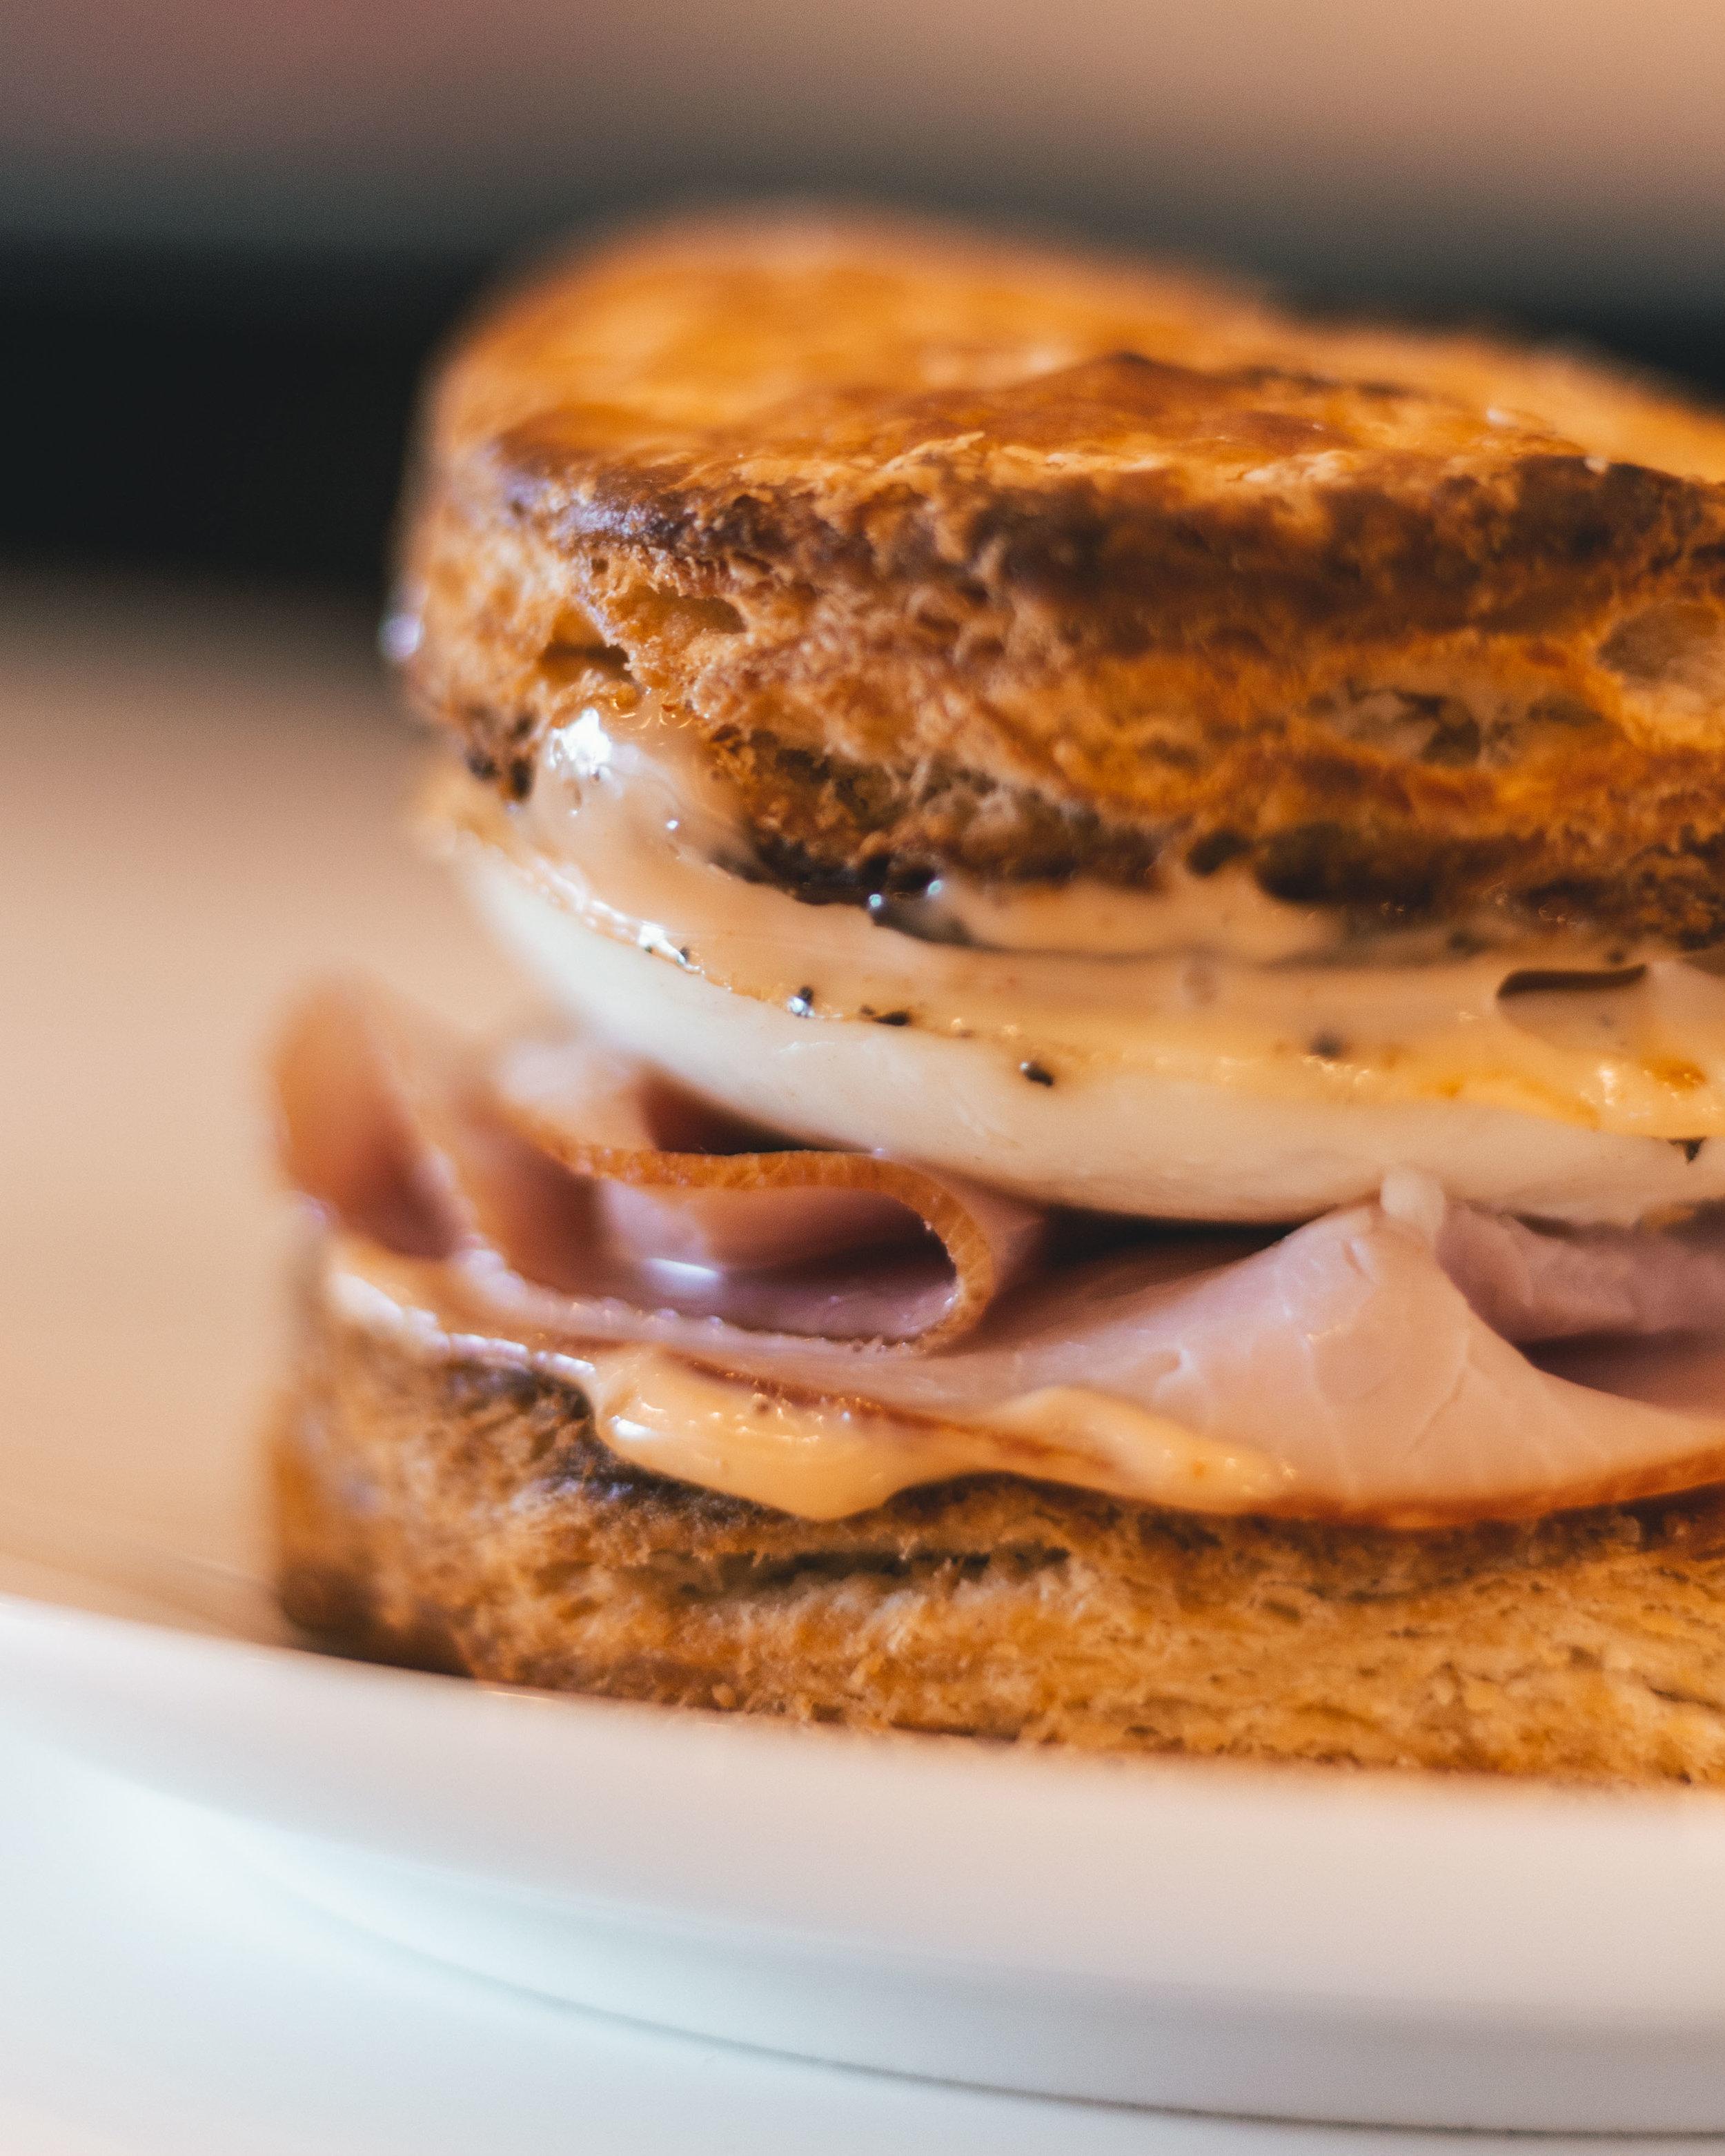 jonnybean_breakfast_sandwich